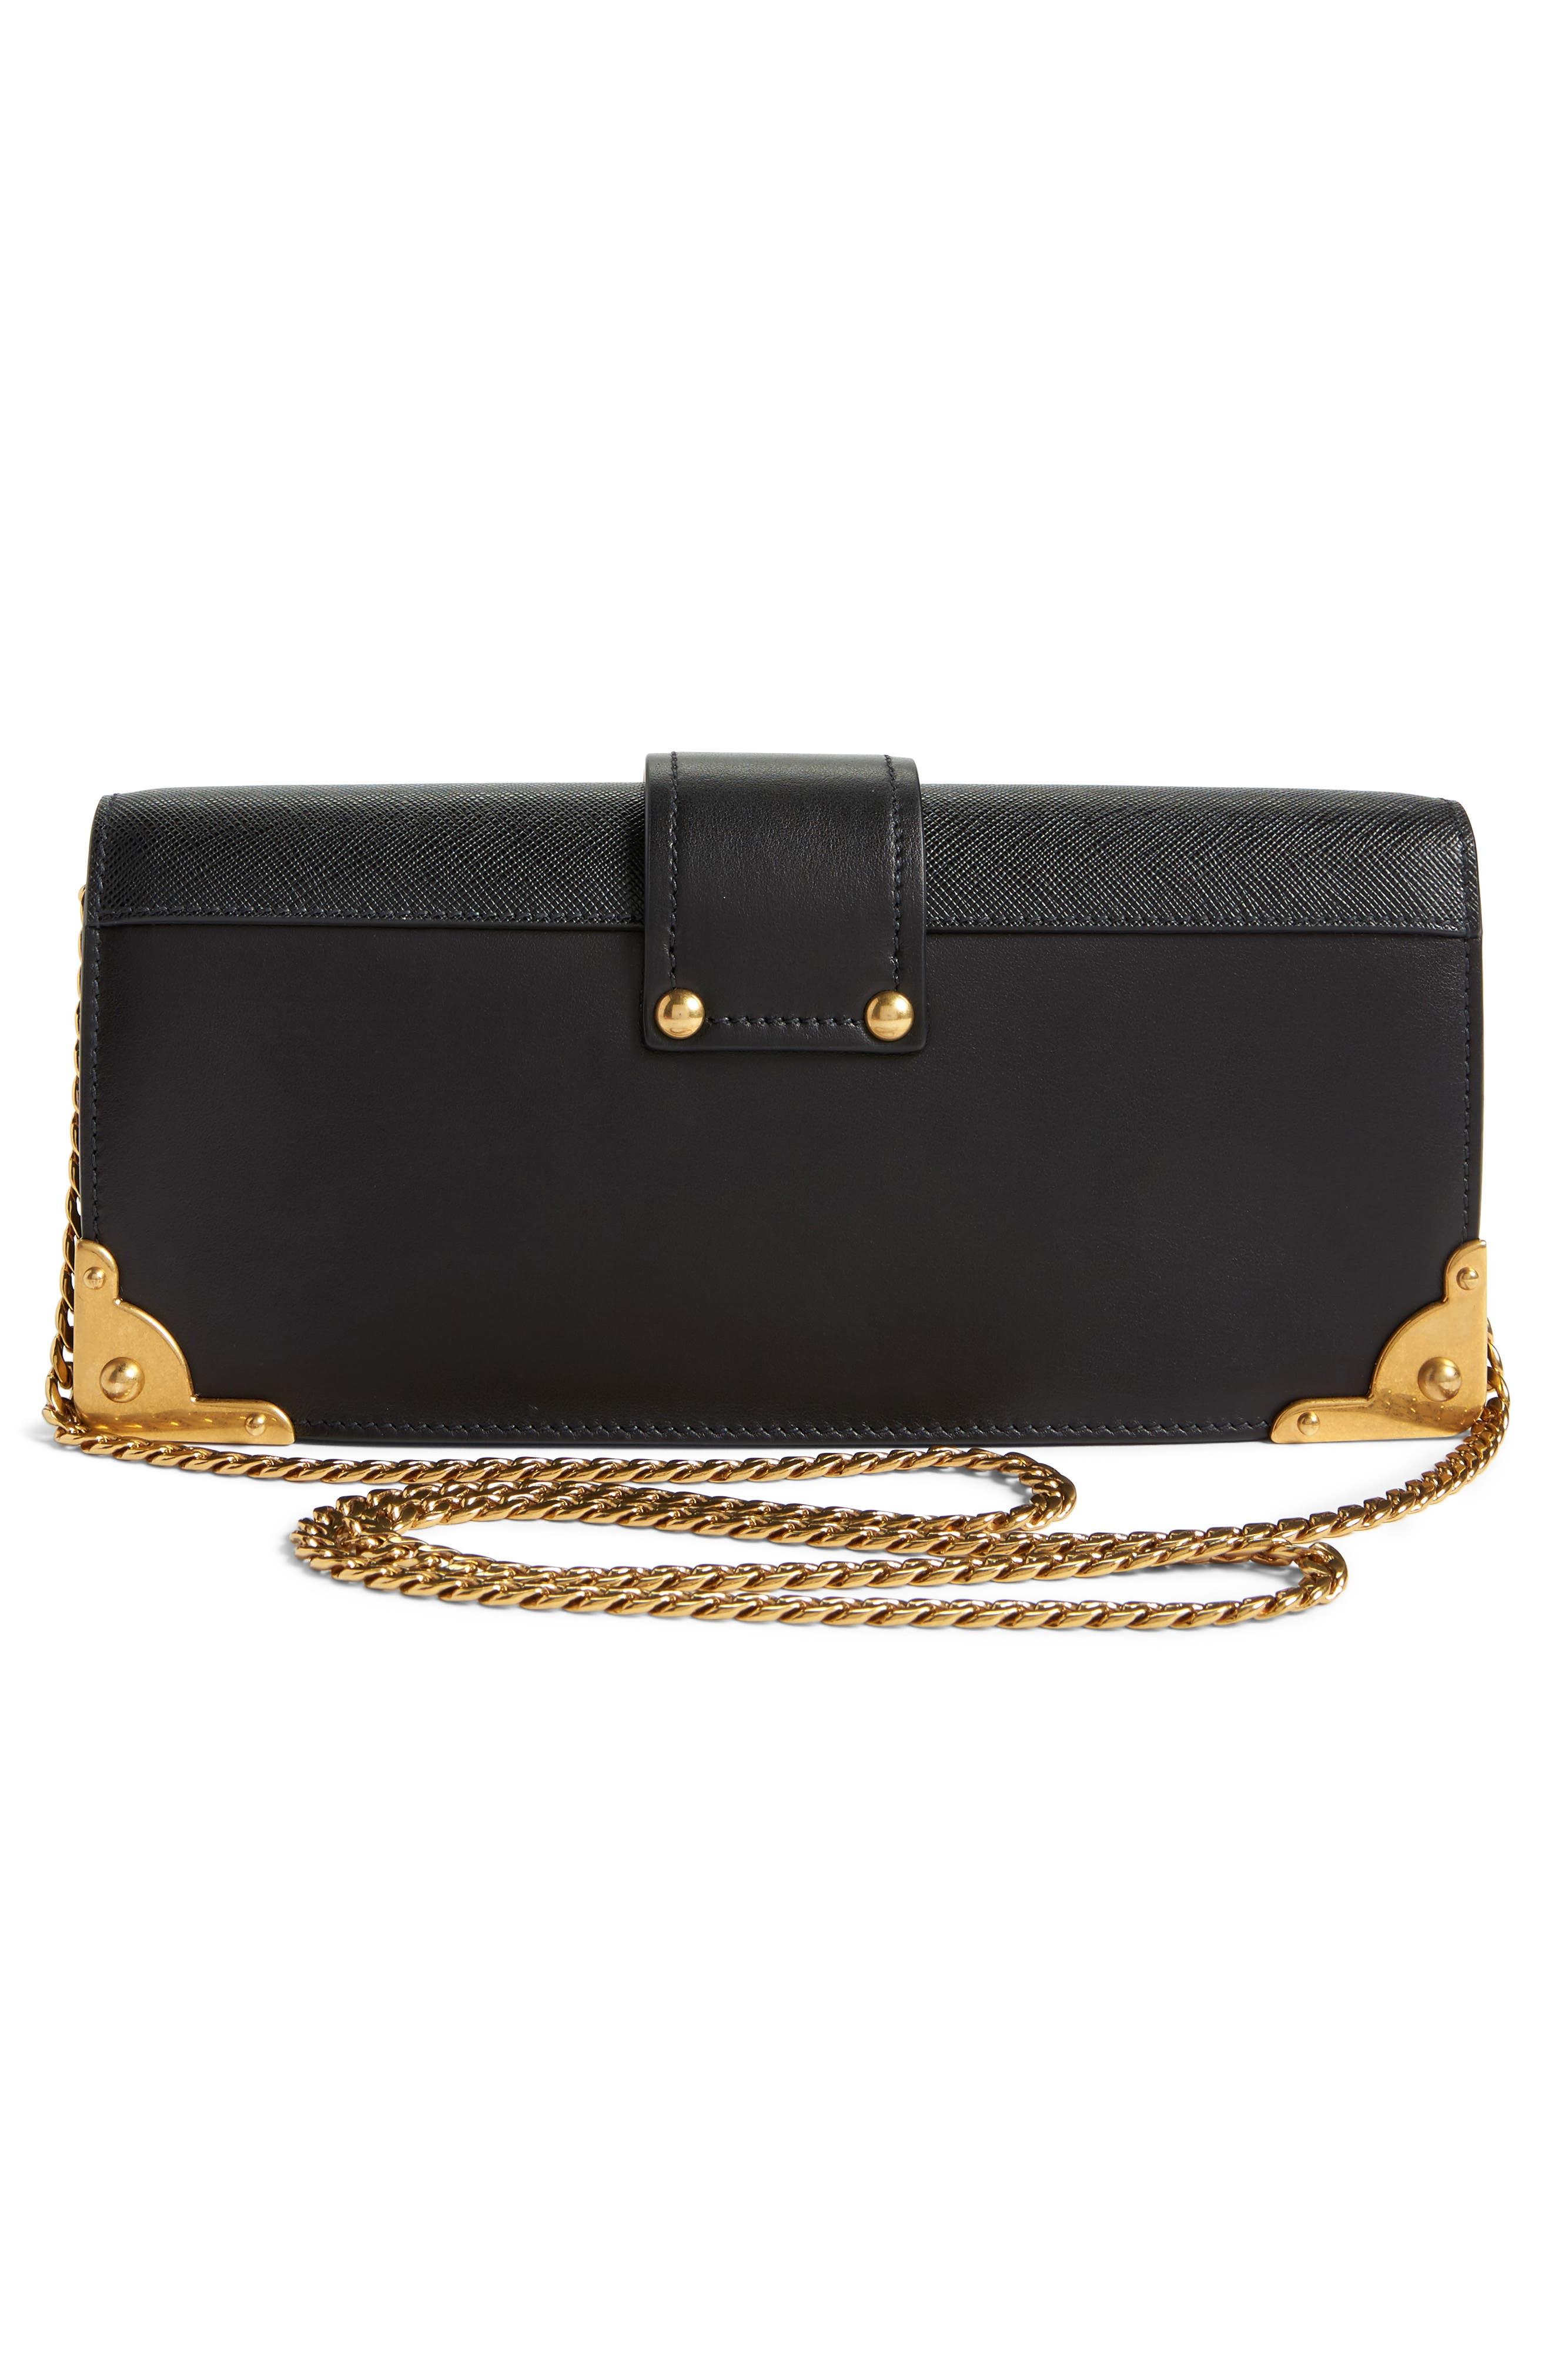 ab229e6e17a2 Prada Crossbody Bags